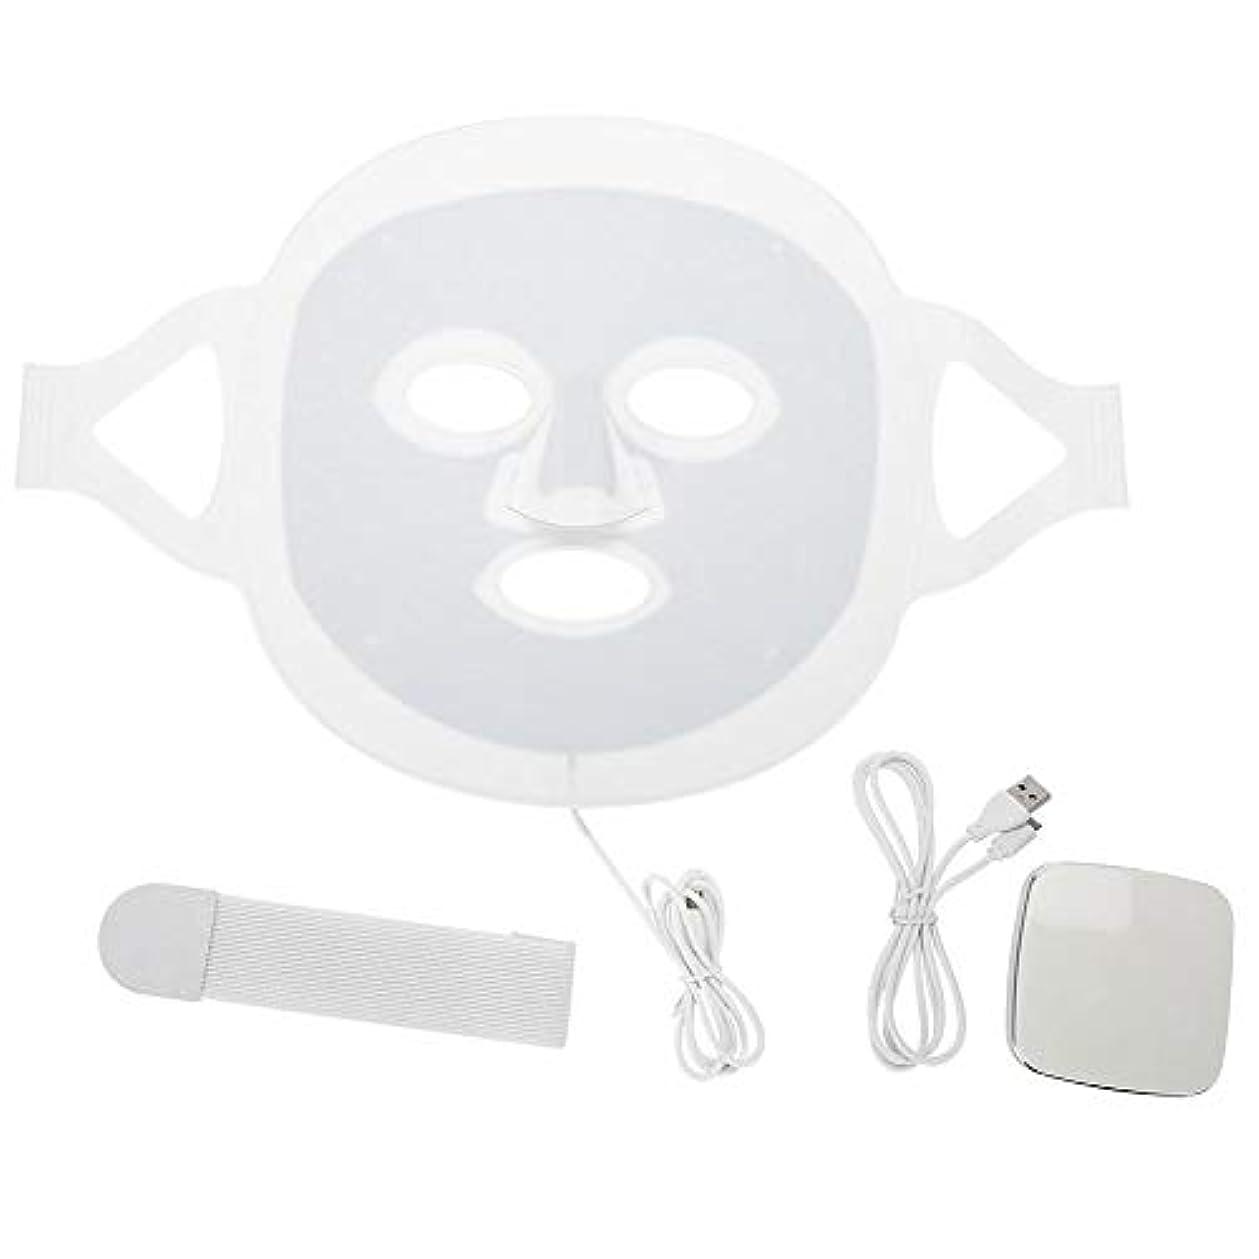 増幅する悲鳴銅LEDマスク3色LEDライトフォトンフェイスマスク肌のより良いにきび除去肌美容機器